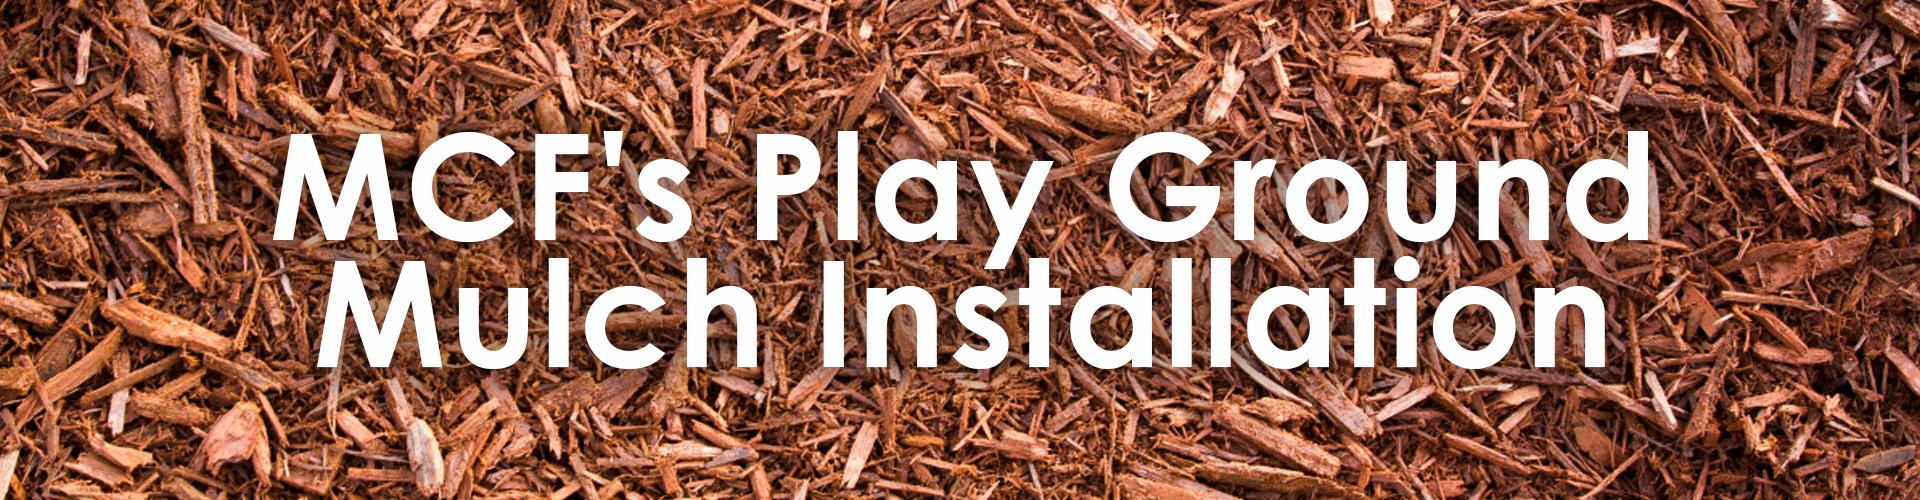 MCF's Play Ground Mulch Installation